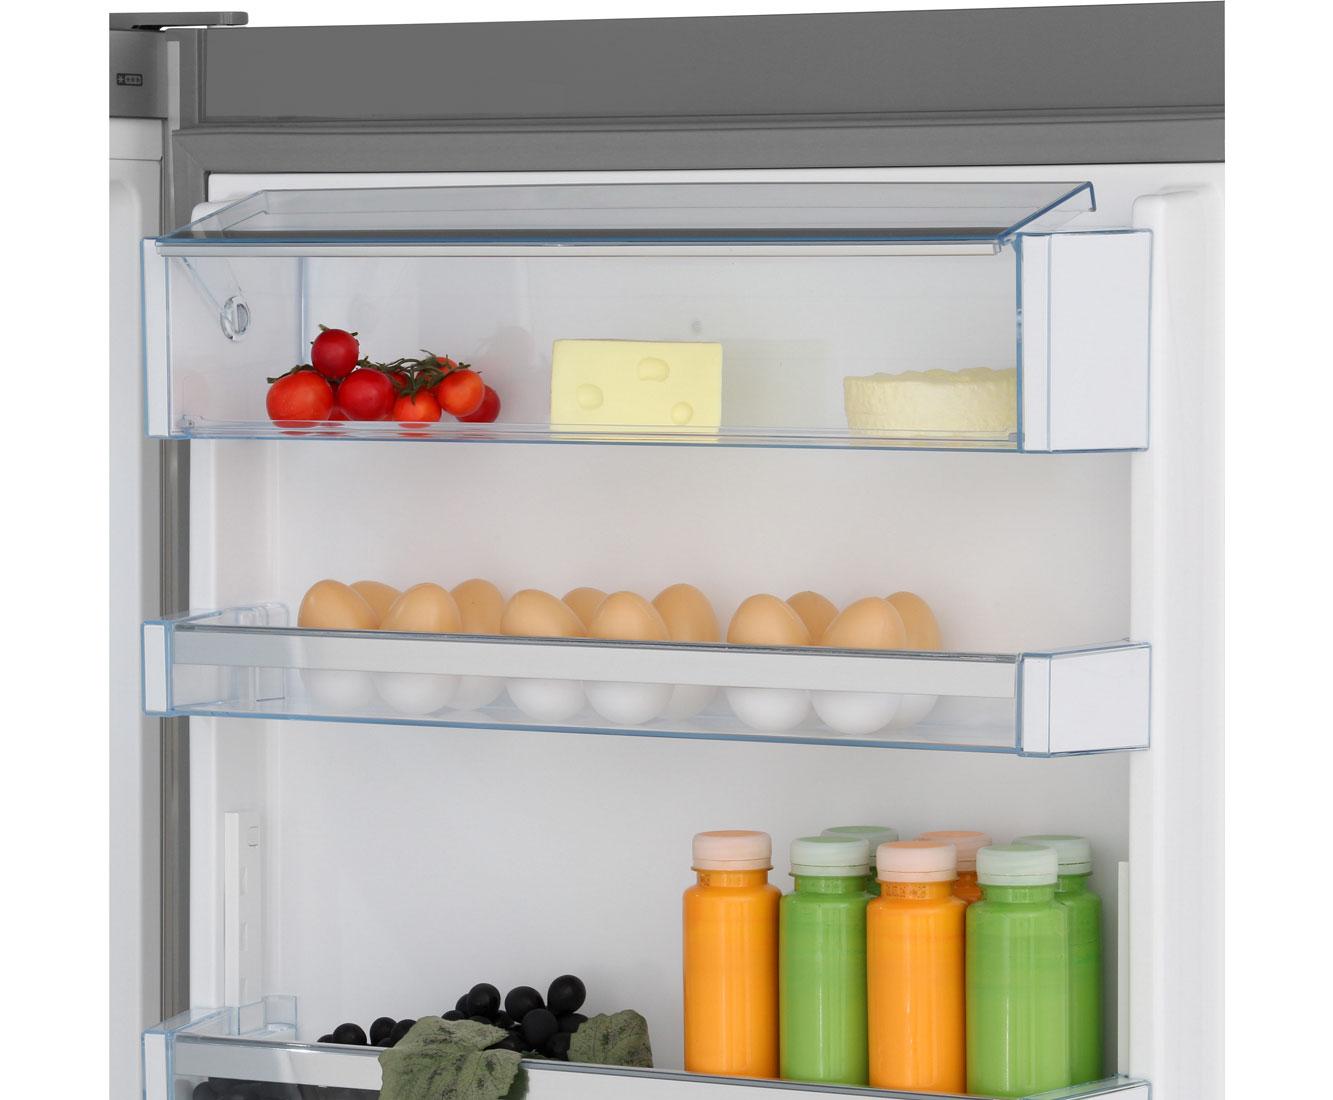 Aeg Kühlschrank Quietscht : Kühlschrank gemüseschublade selber reparieren youtube